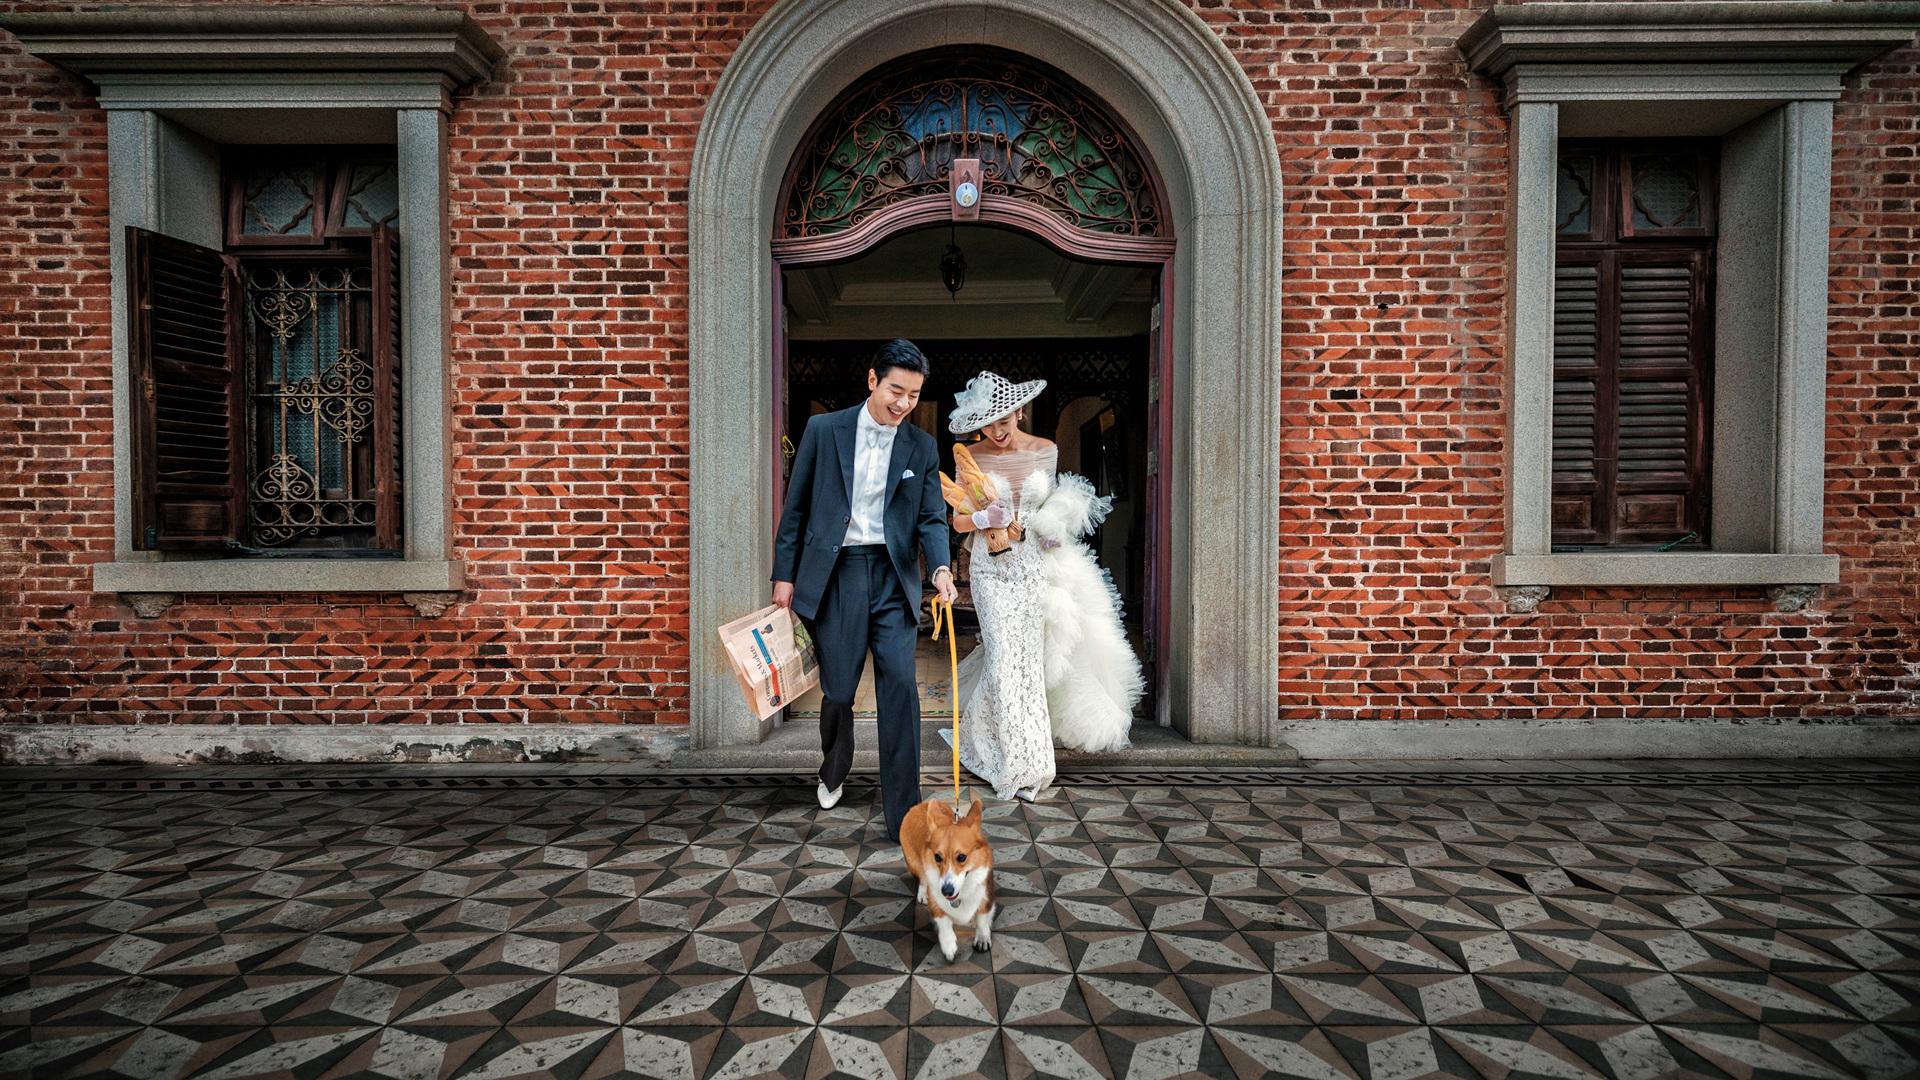 9月份厦门拍婚纱照外景地点有哪些?厦门婚纱摄影注意事项有哪些?